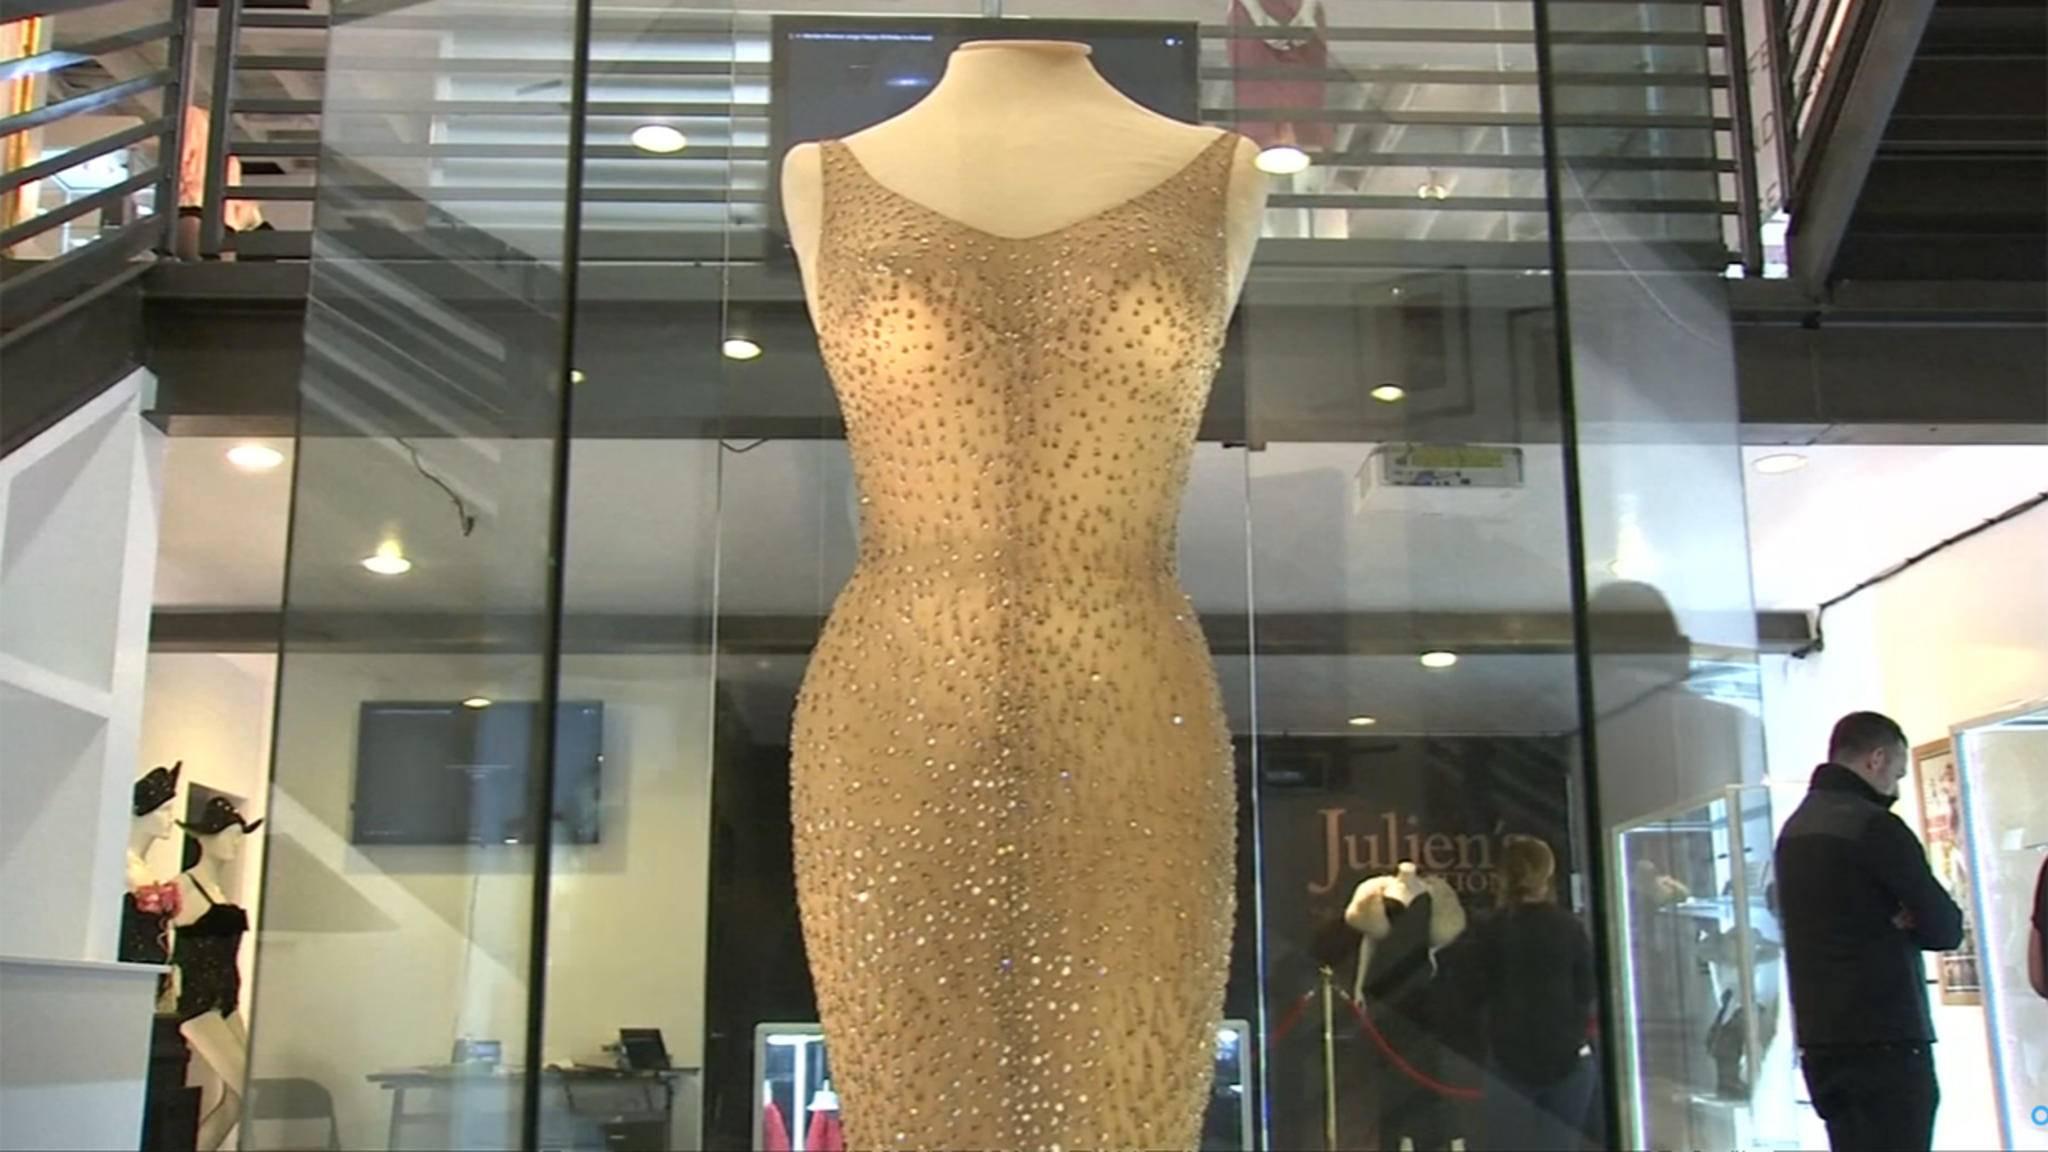 In diesem Kleid sang Marilyn Monroe für US-Präsident Kennedy. Nun wurde die geschichtsträchtige Robe für einen Rekordpreis versteigert.